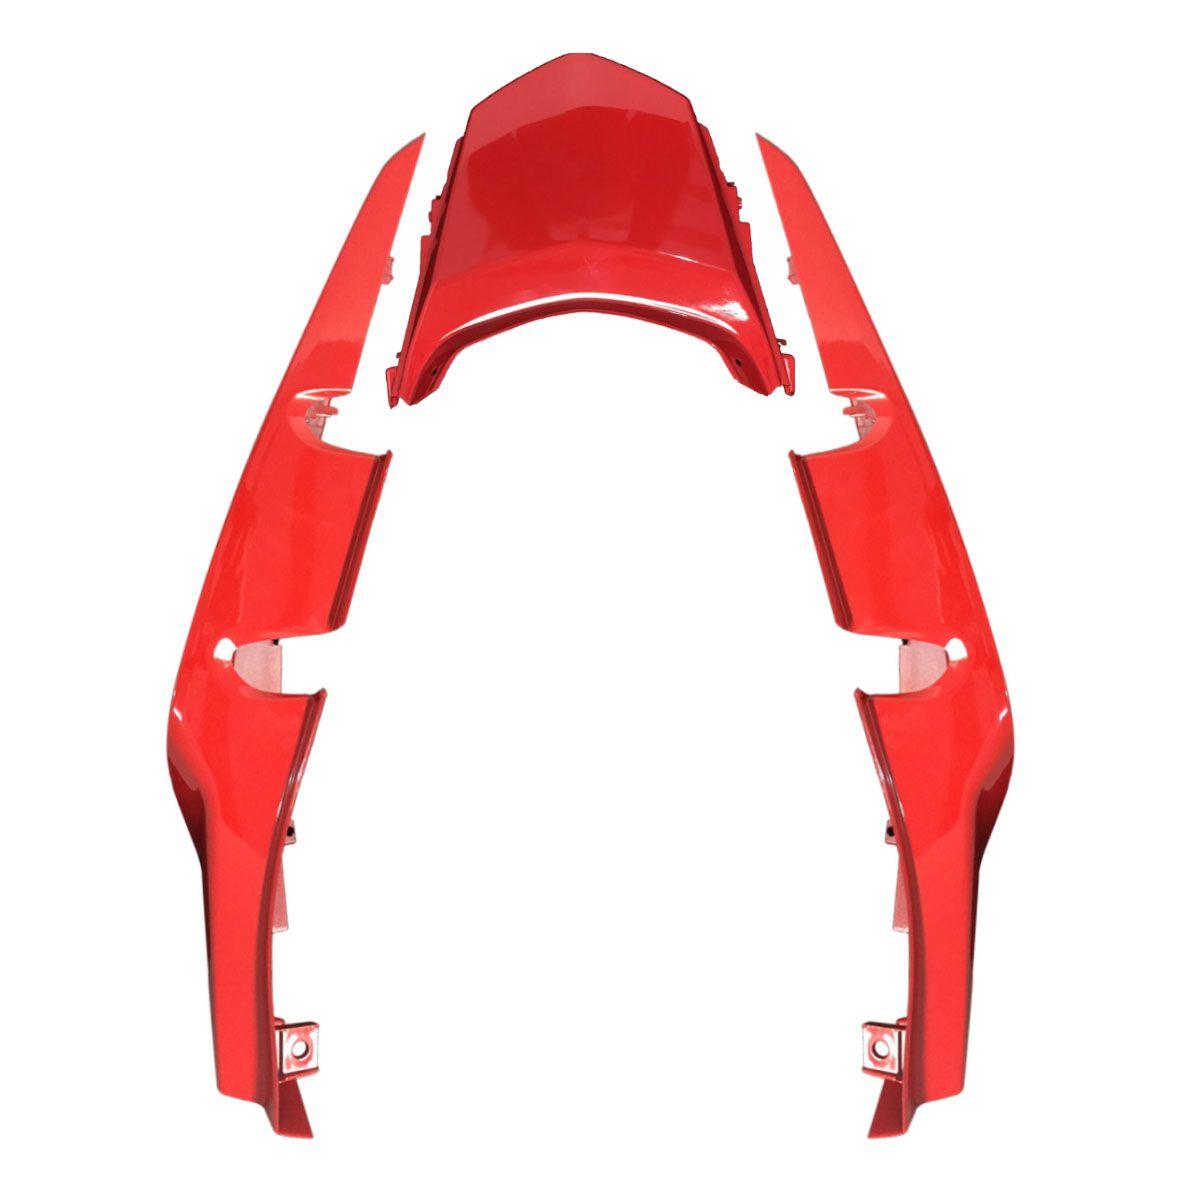 Rabeta Traseira Honda CG 150 Titan Esd/Ex 2015 Vermelho - Carenagem Sportive